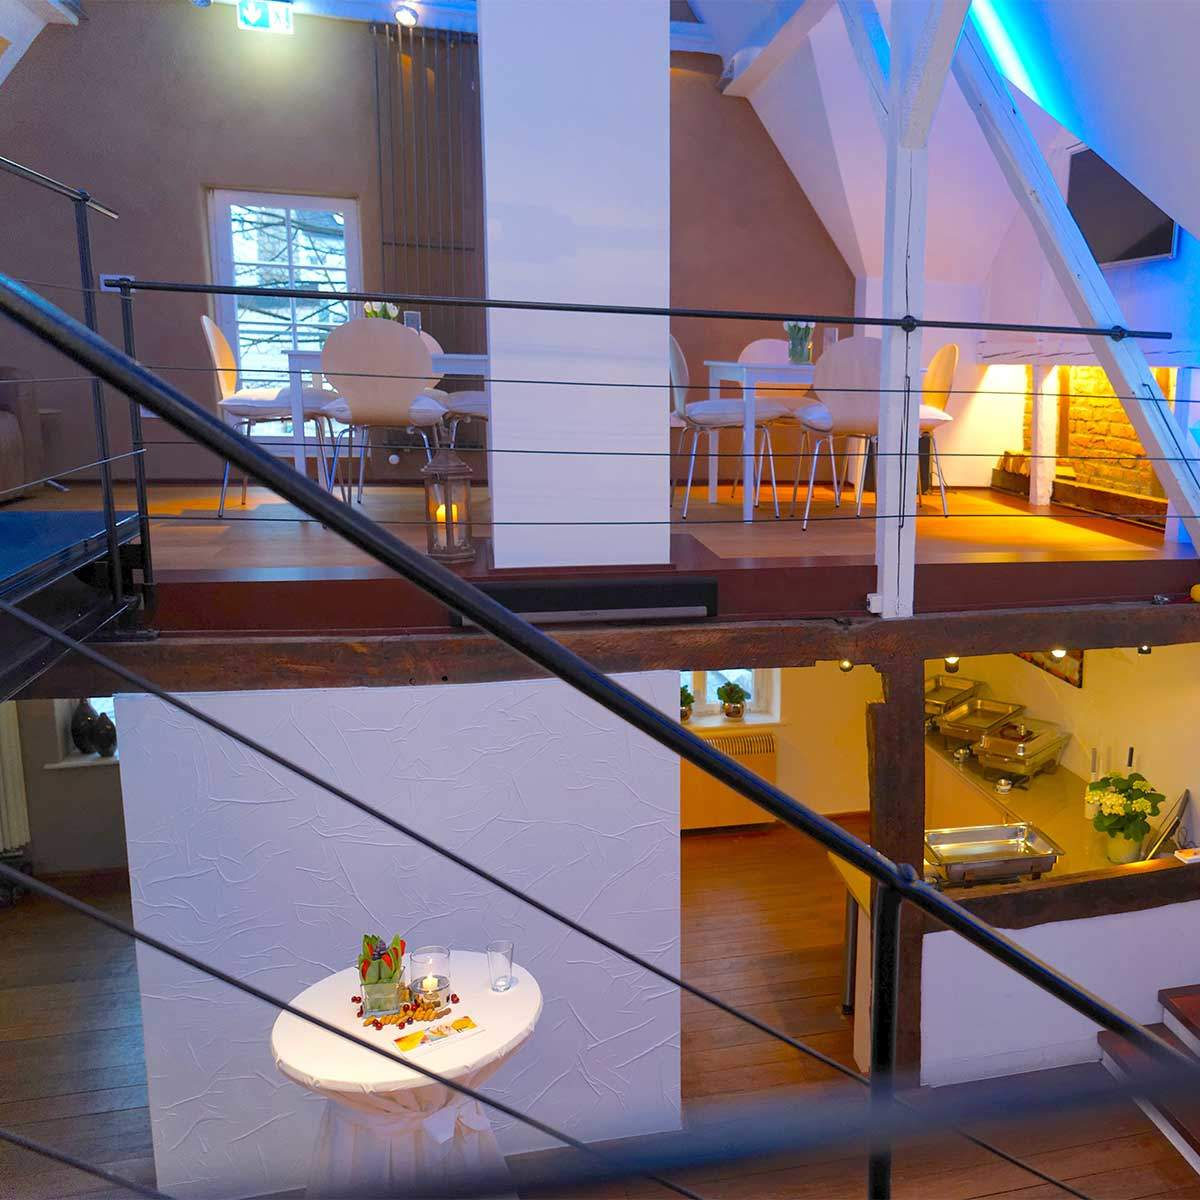 Die zwei Ebenen des Erlebnisraums, Raum für Kunst und Kultur